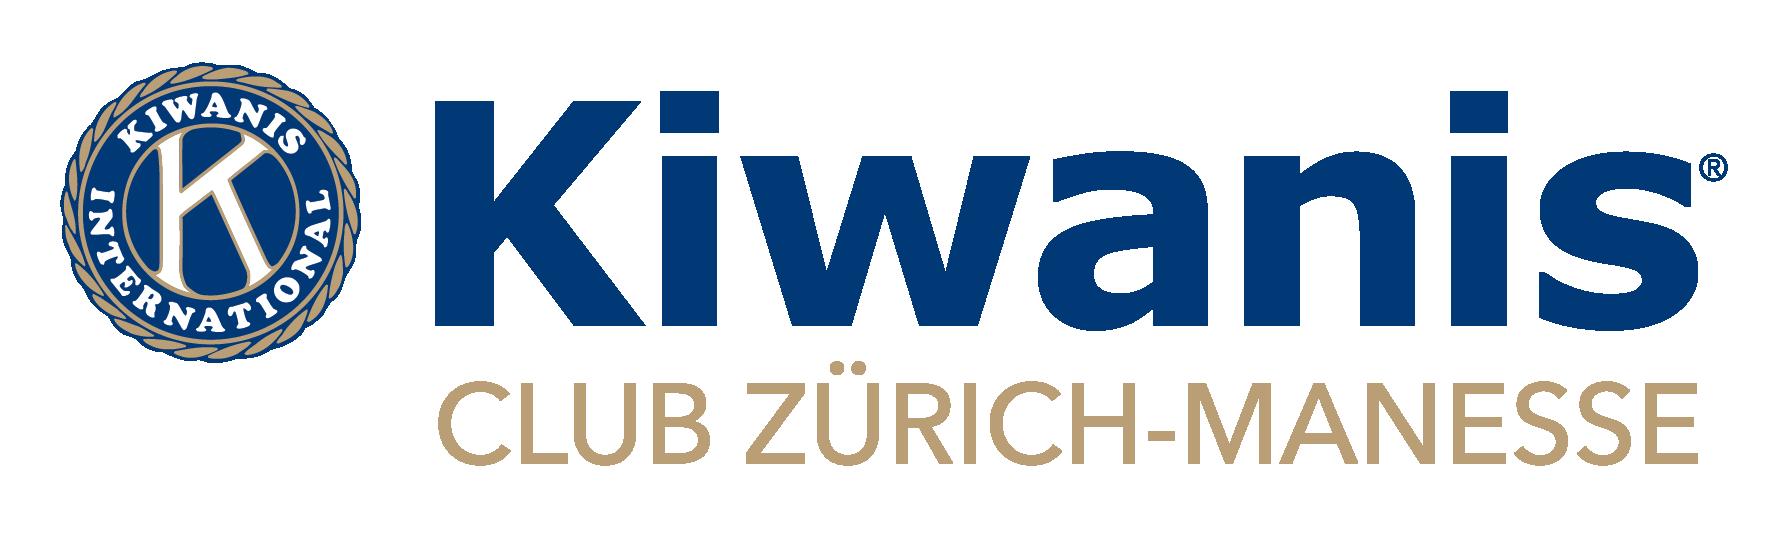 Kiwanis Club Zürich-Manesse